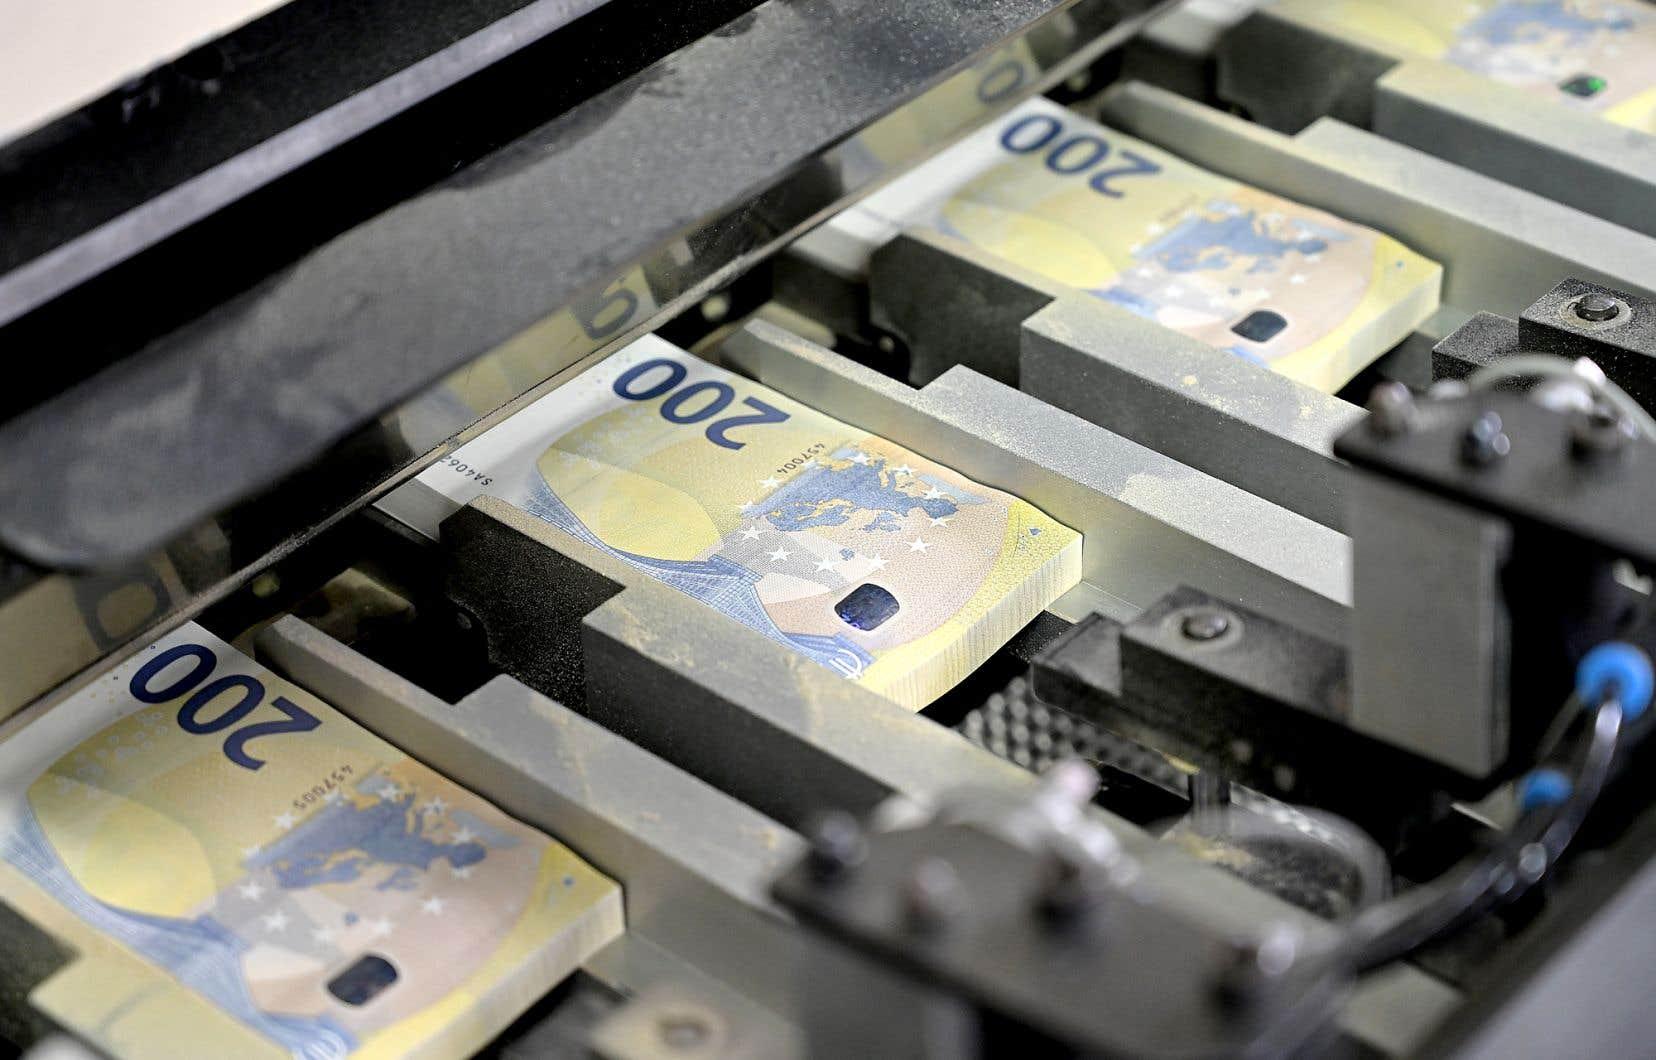 En juin, l'Autriche, qui avait annoncé en 2017 le succès d'un premier emprunt historique de 3,5 milliards d'euros à 100 ans, a récidivé en levant 1,25 milliard d'euros.